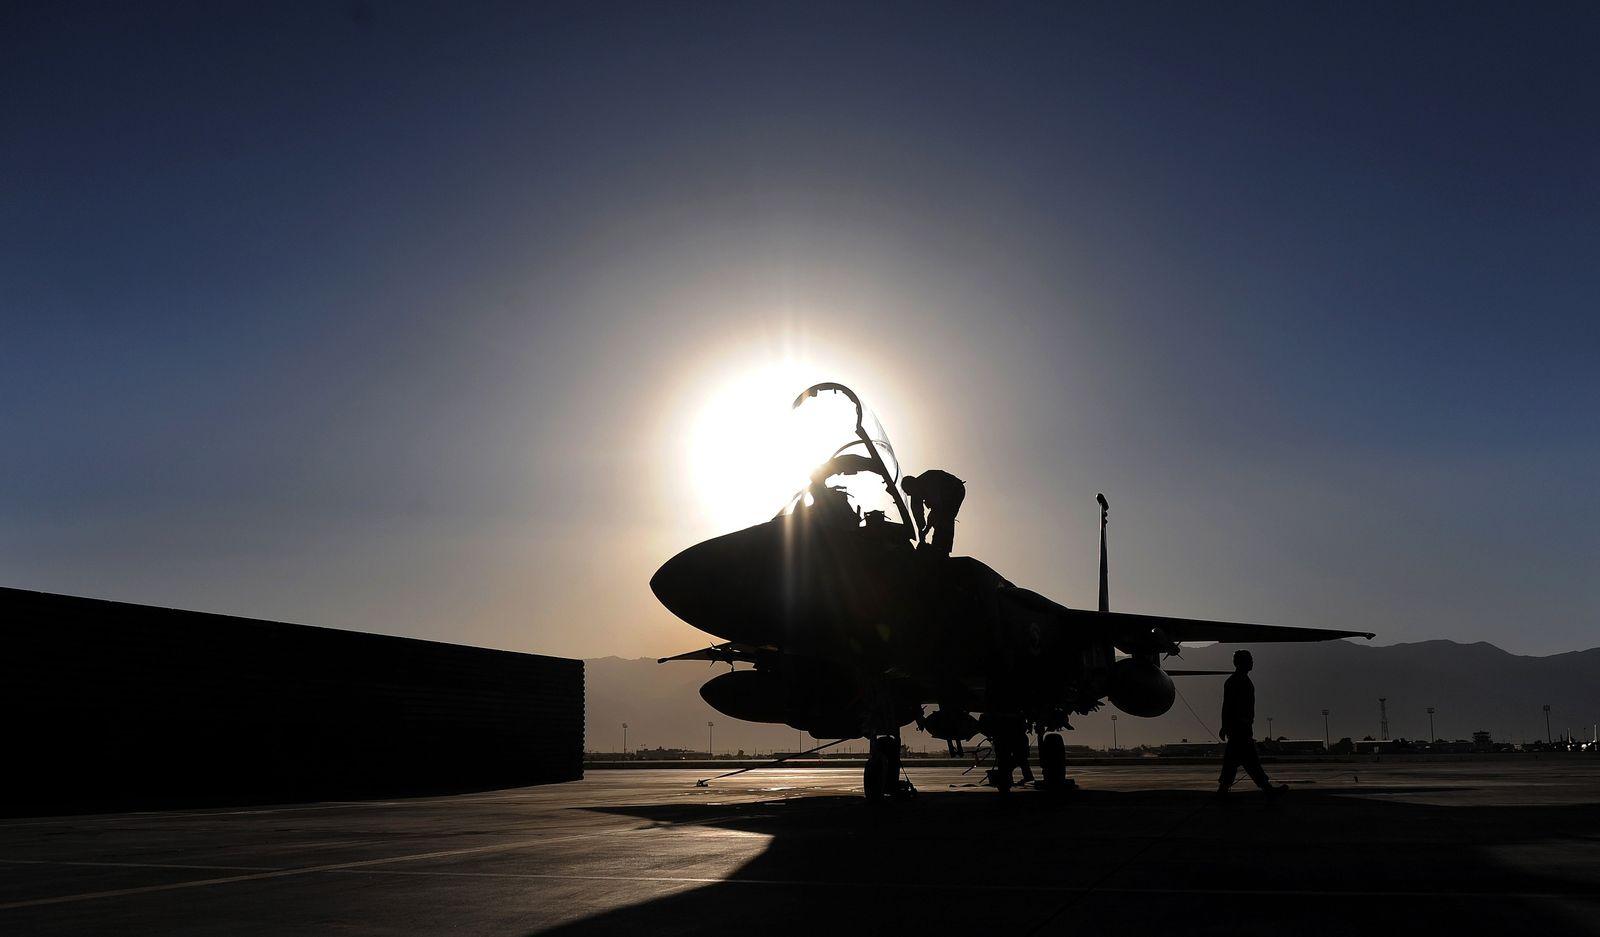 F-15E Strike Eagle fighter